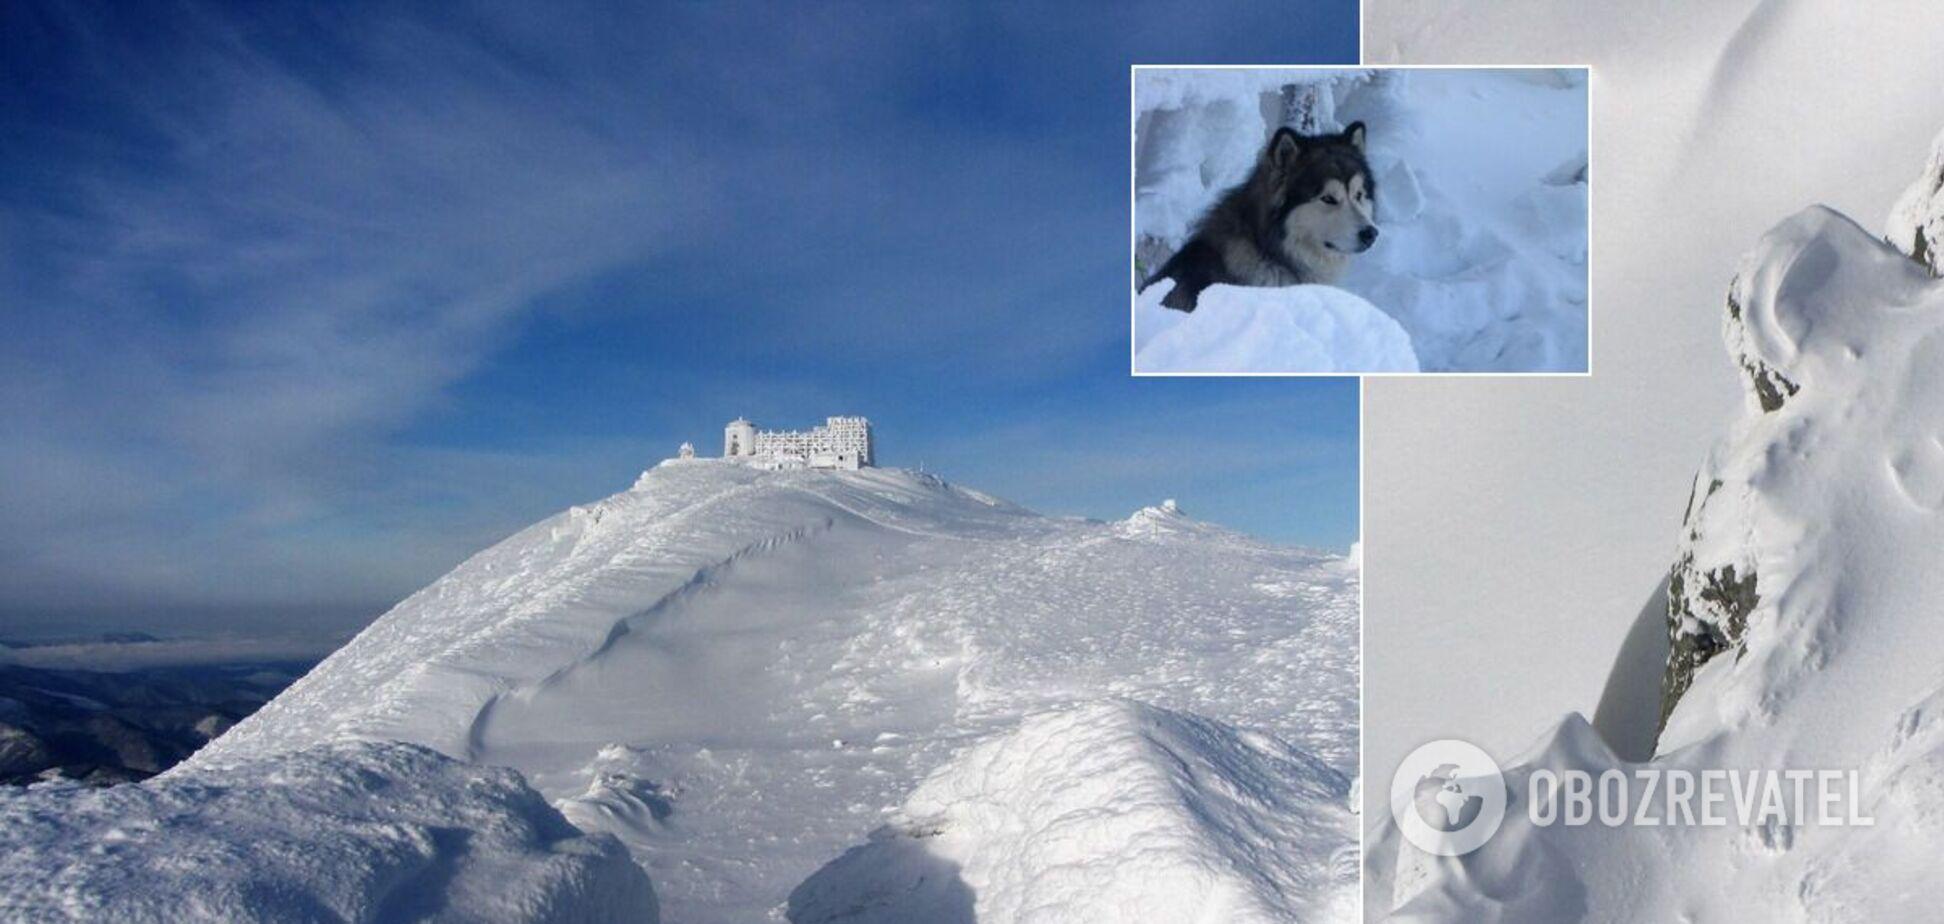 Карпати засипало снігом: у мережі показали справжню зиму